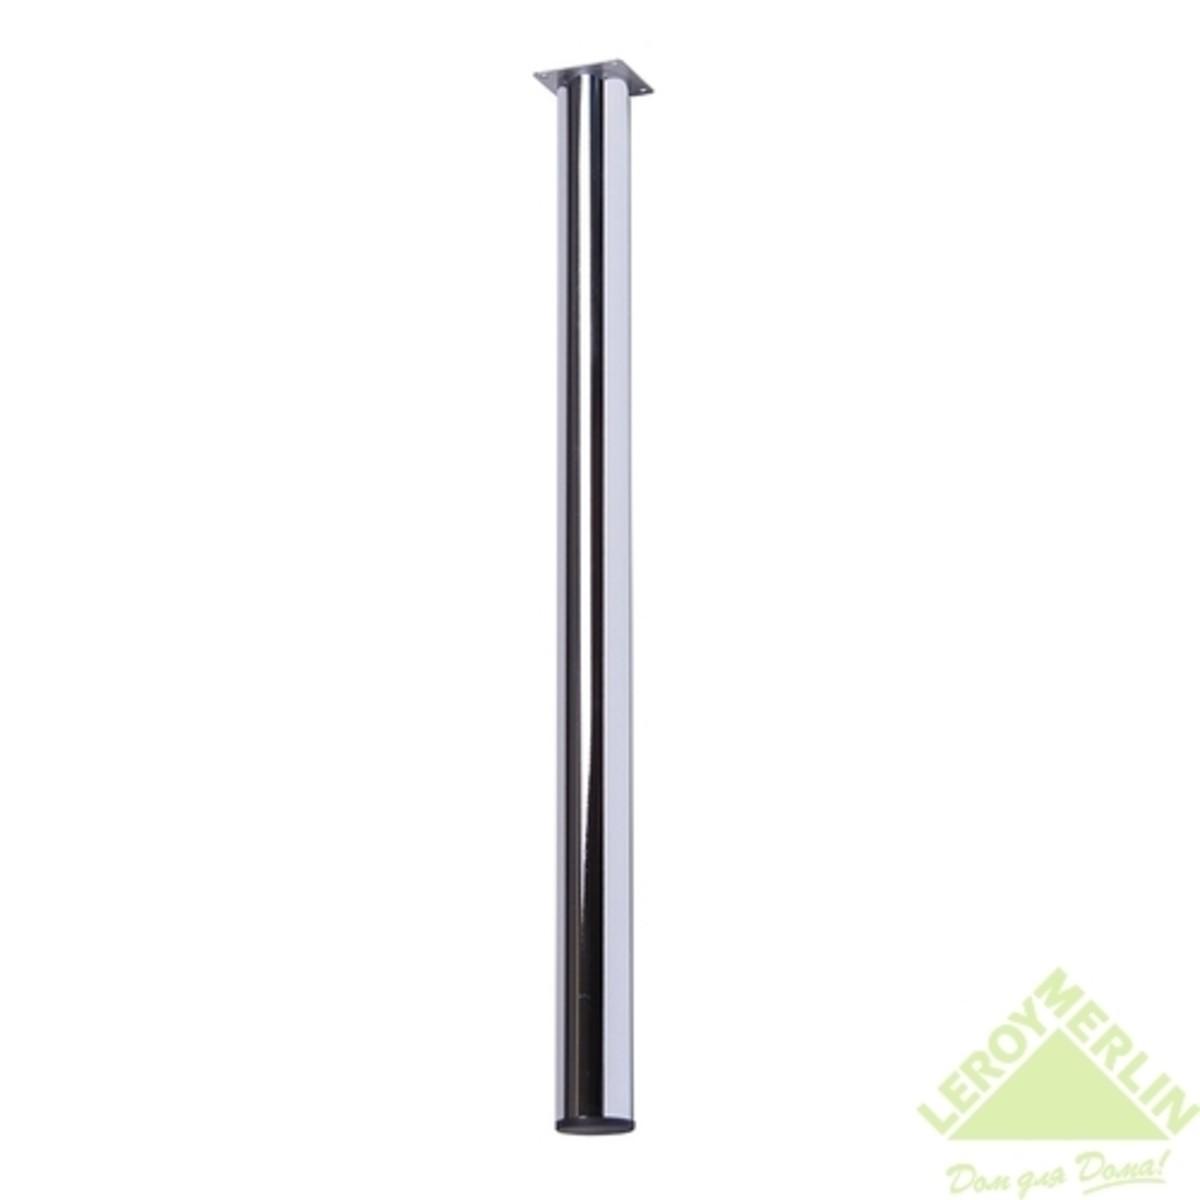 Комплект ножек для стола хром 50 мм (квадратный крепеж)